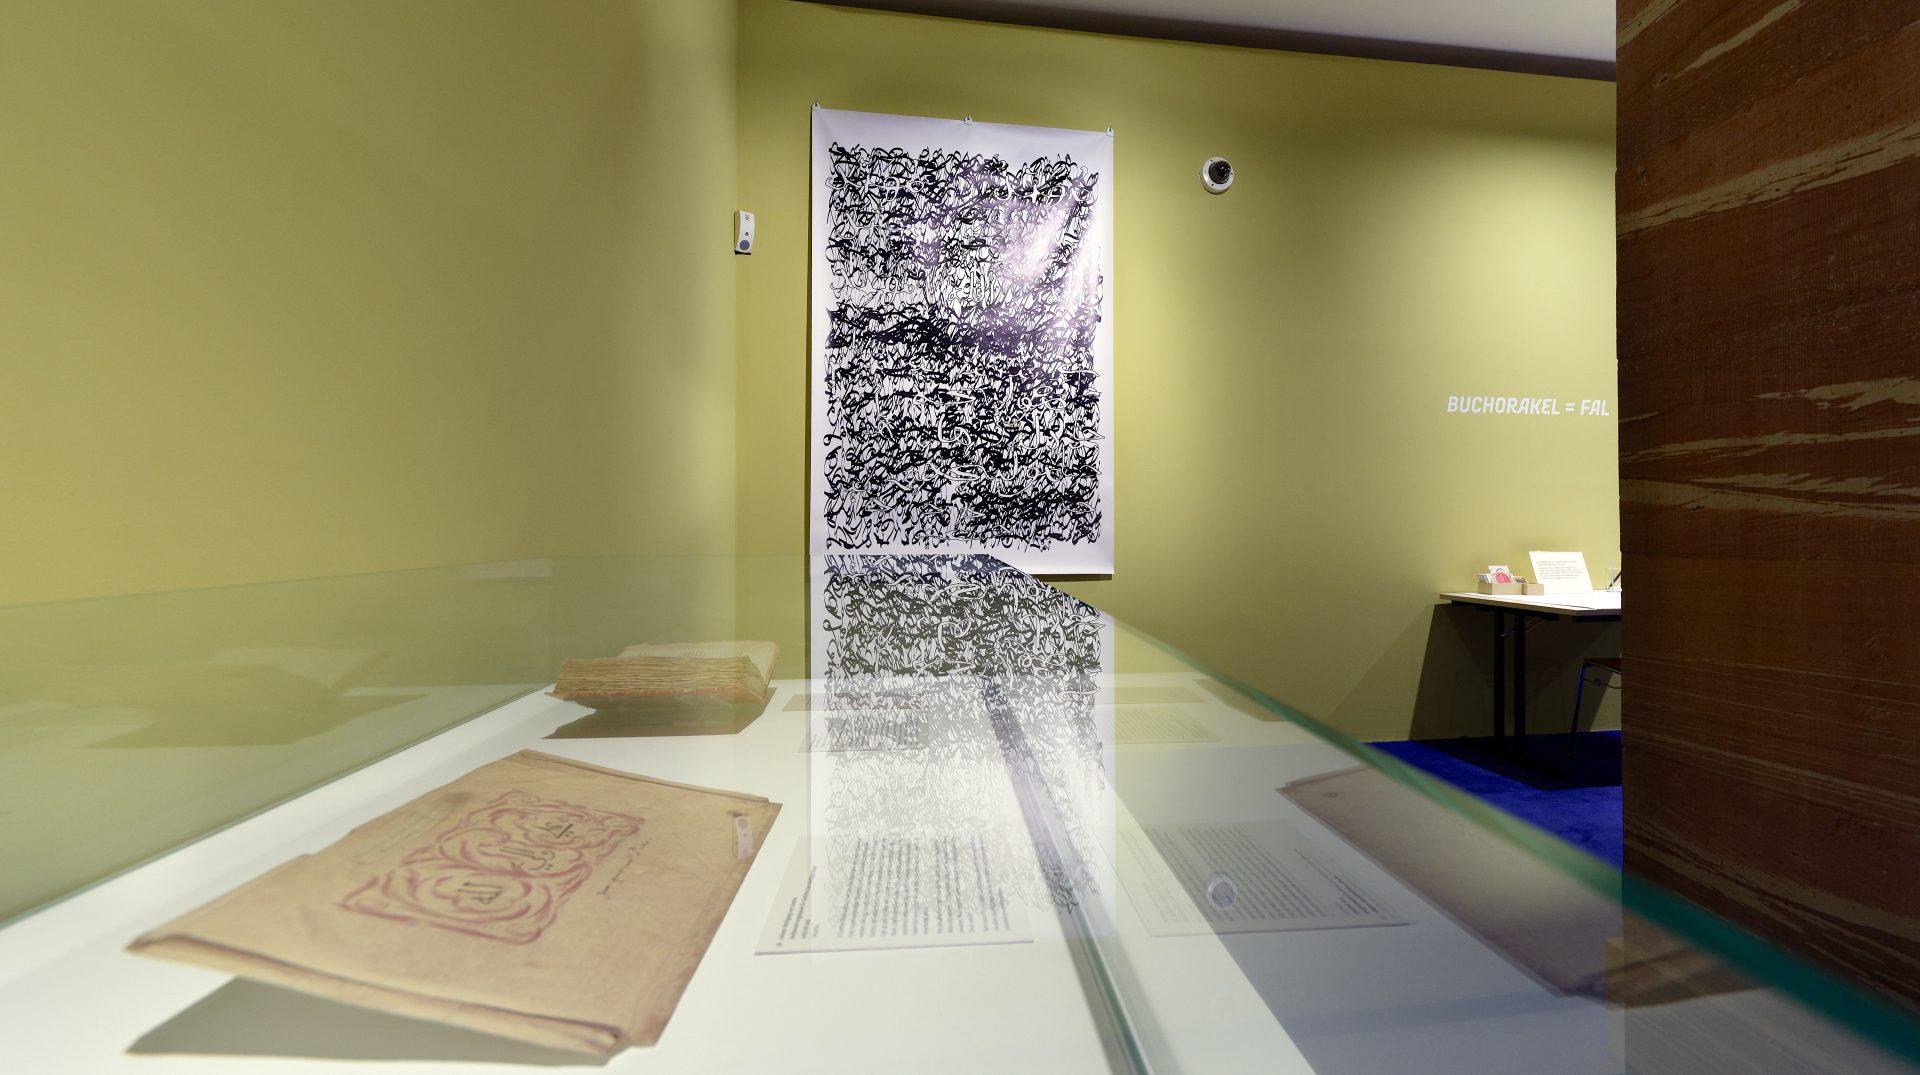 Palimpsest 014, 205 x 137 cm, Eco-Solvent-Tinte auf LKW-Plane, 2017 (Im Vordergrund: Goethe: Aufbewahrungskapsel für Gedichte Zum künftigen Divan, Juni/Juli 1818, Weimar/Jena)